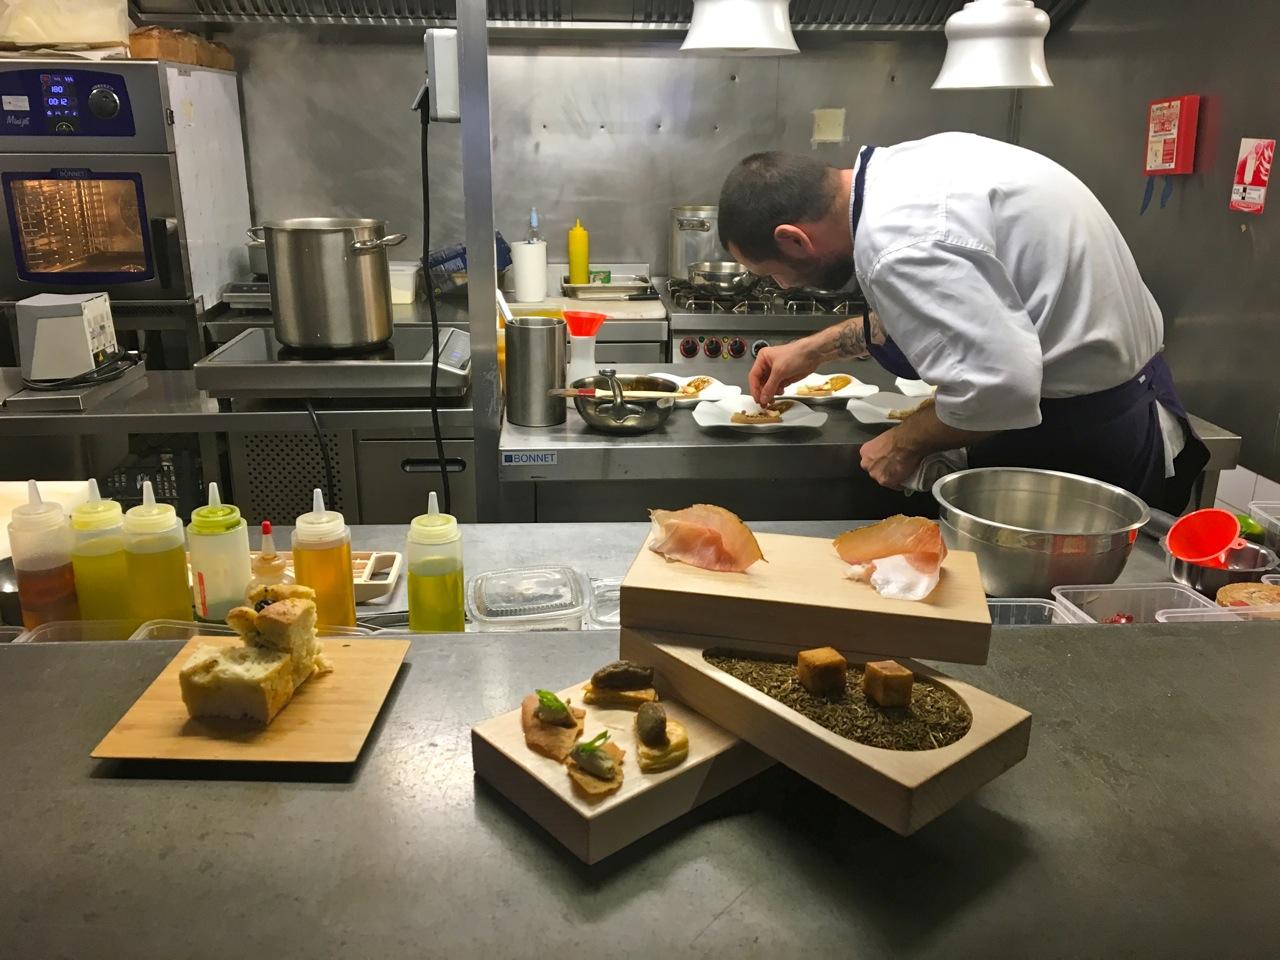 Cuisine m diterran enne saisons love spots marseille for Cuisine gastronomique